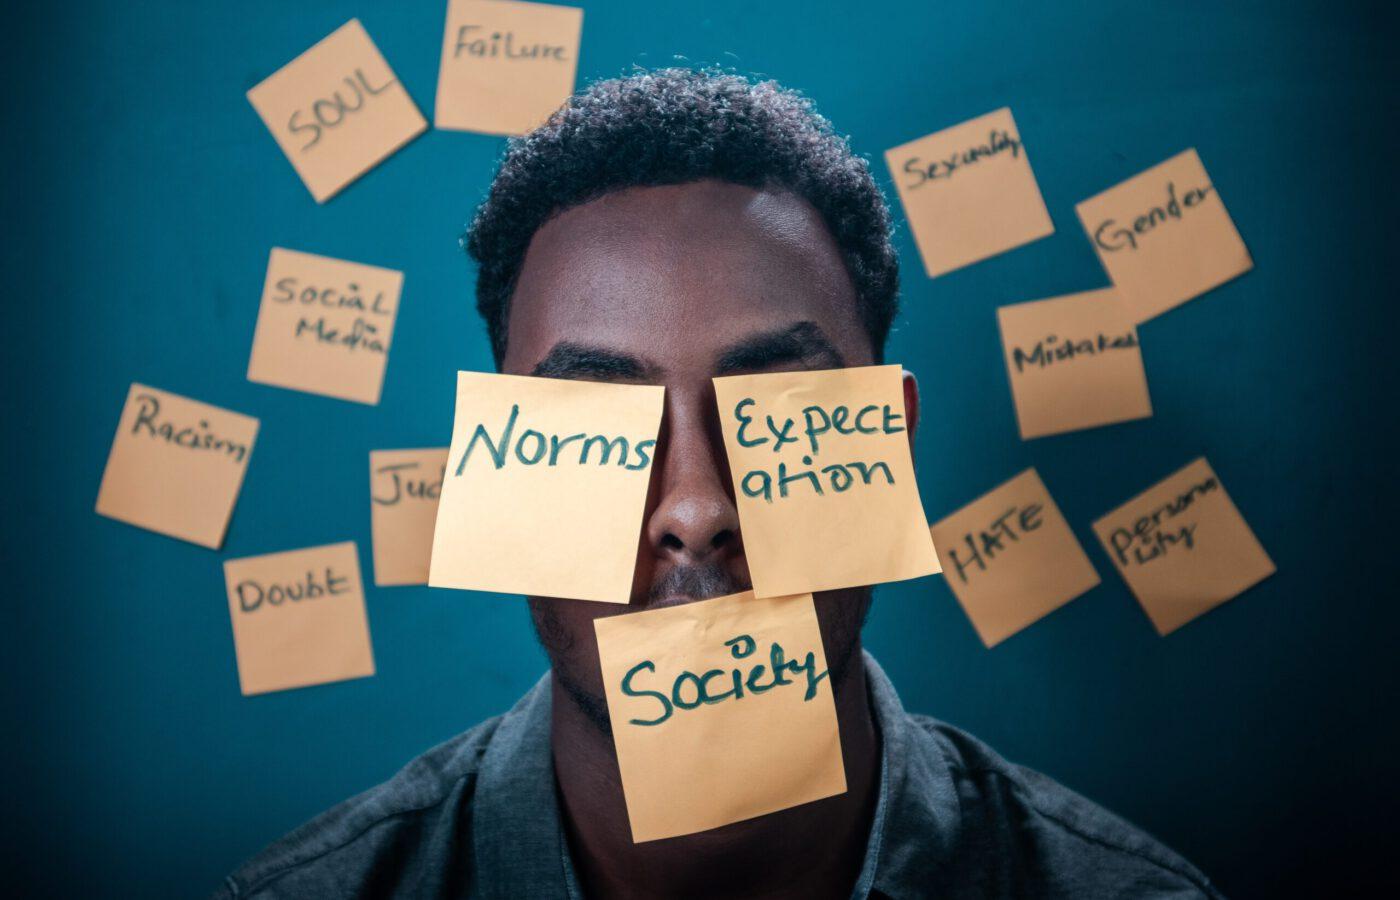 Kuvassa miesoletettu jonka kasvoilla ja ympärillä on muistilappuja, joihin on kirjoitettu normeja ja odotuksia kuvaavia sanoja.